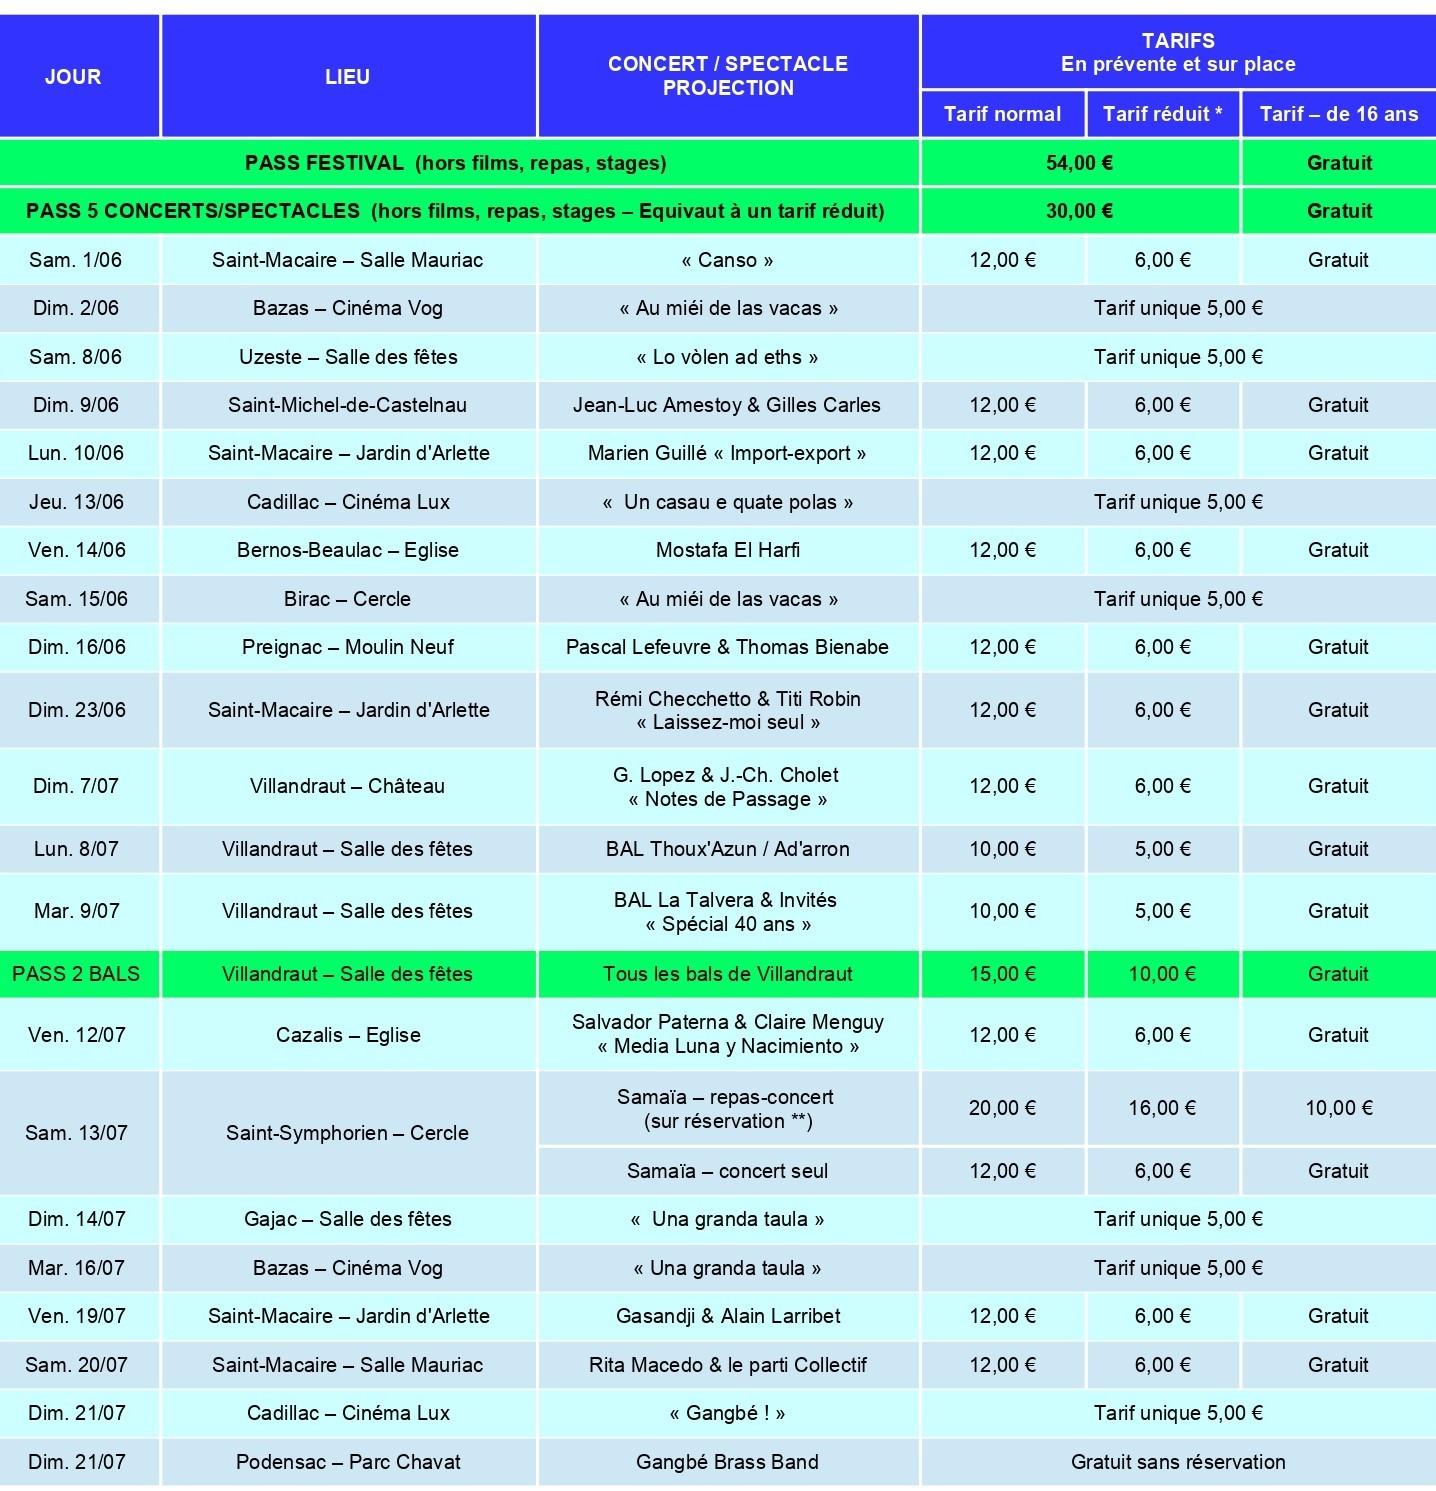 28èmes Nuits Atypiques tarifs 2019 biletterie 2 mise en forme DP - Tarifs NA 2019_page-0001